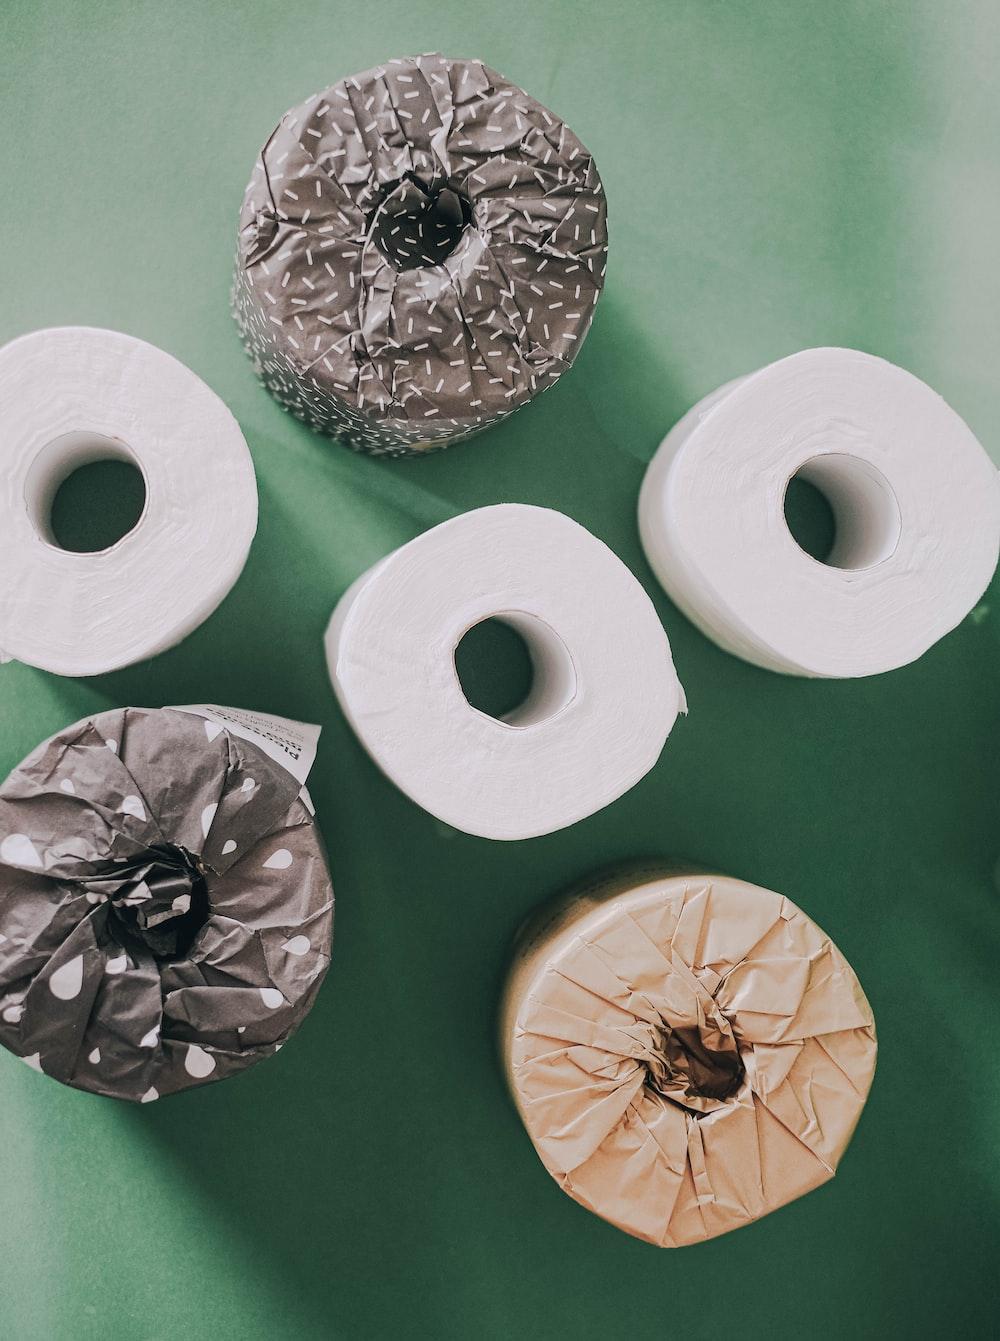 two white tissue rolls on green textile